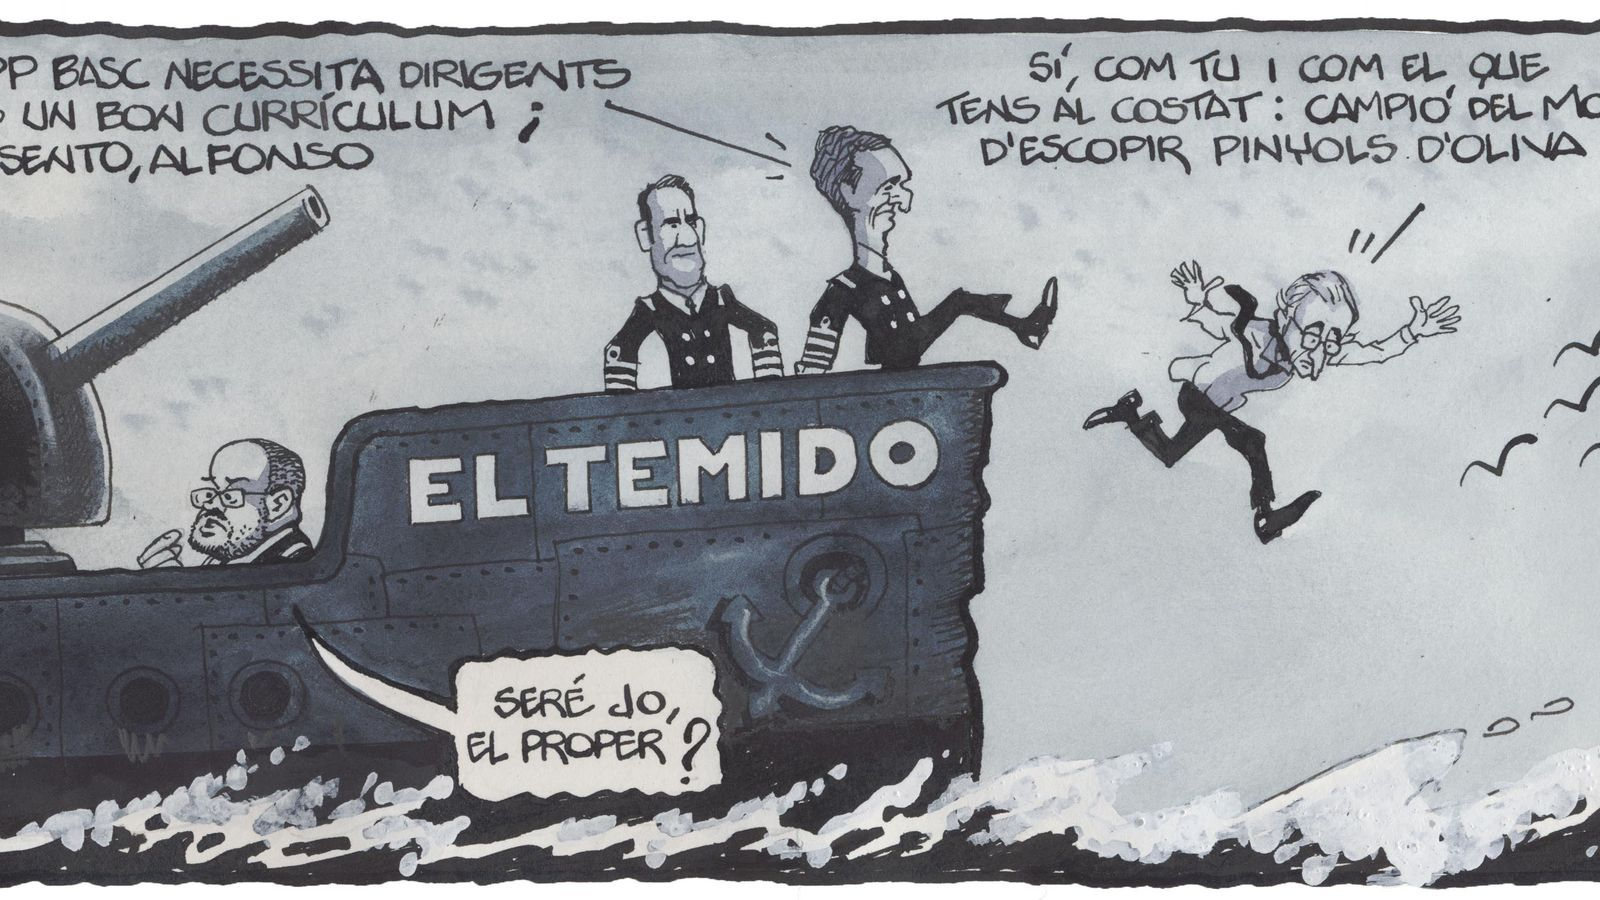 'A la contra', per Ferreres 25/02/2020